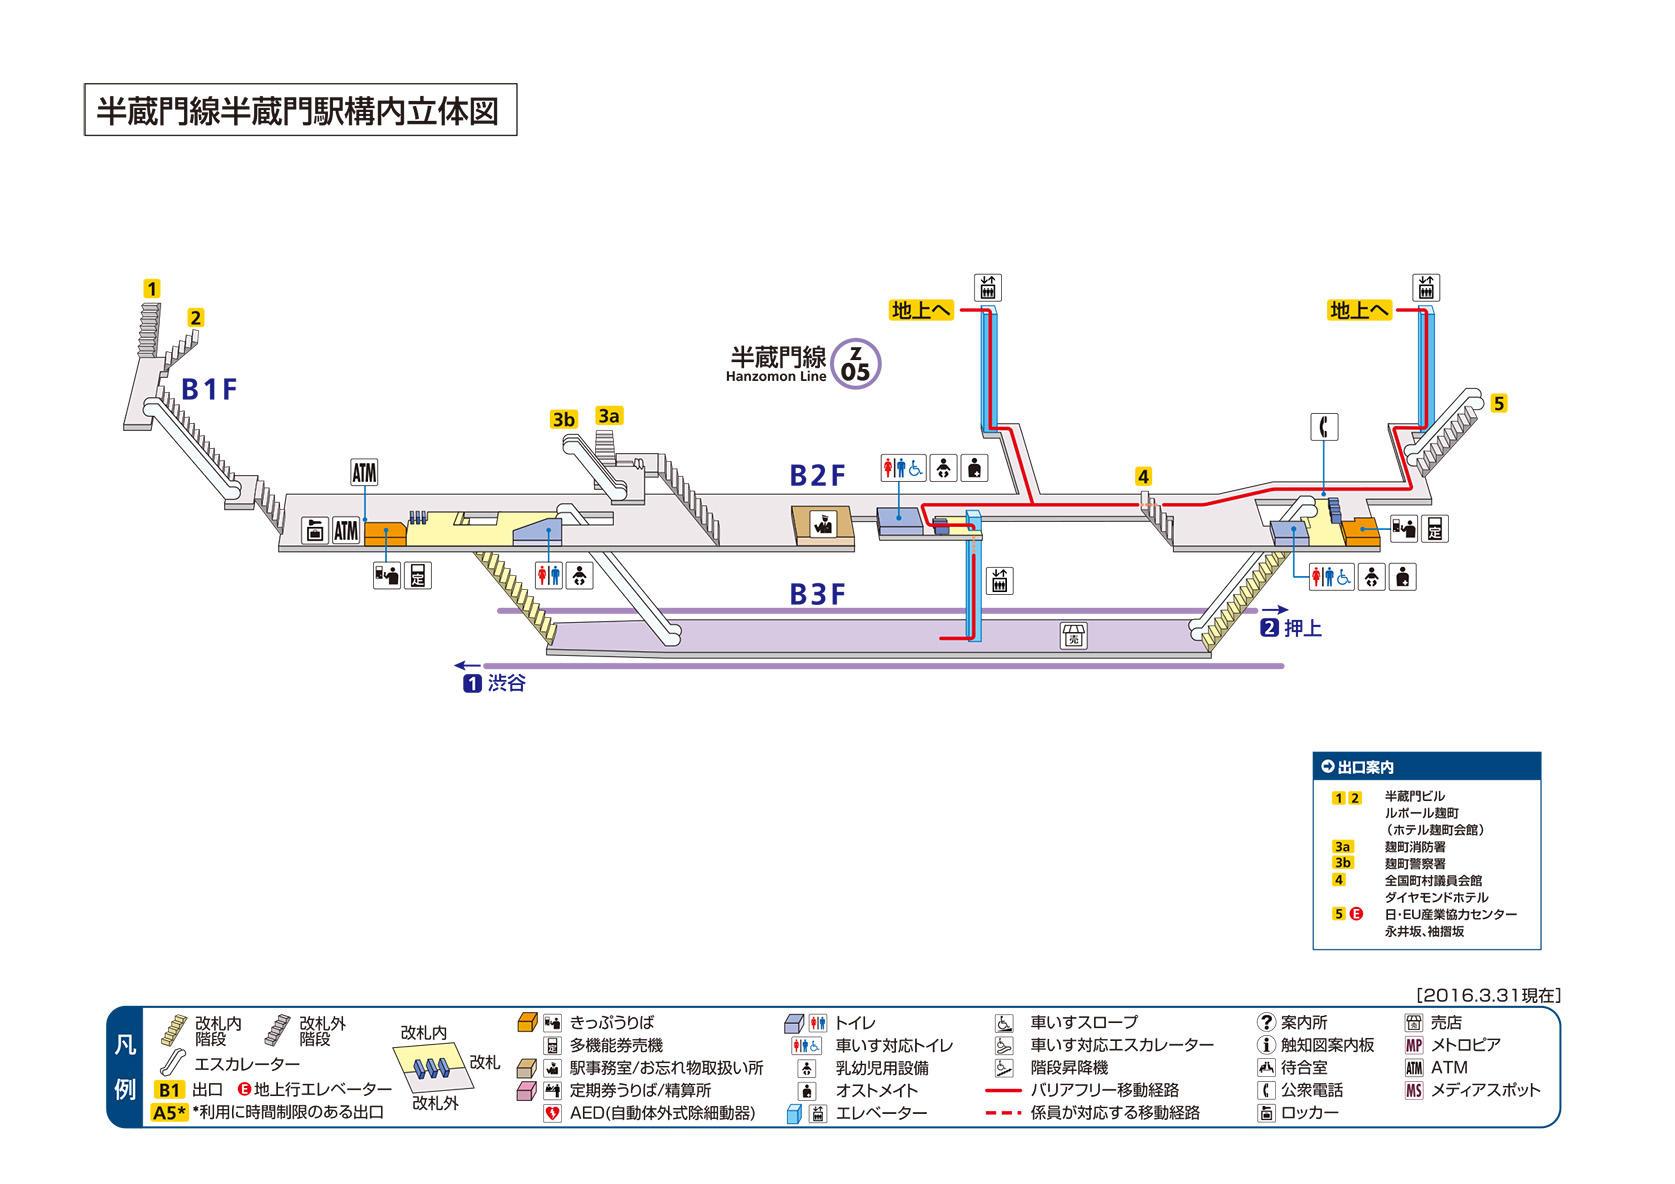 九段下駅の出口案内 - Yahoo!路線情報